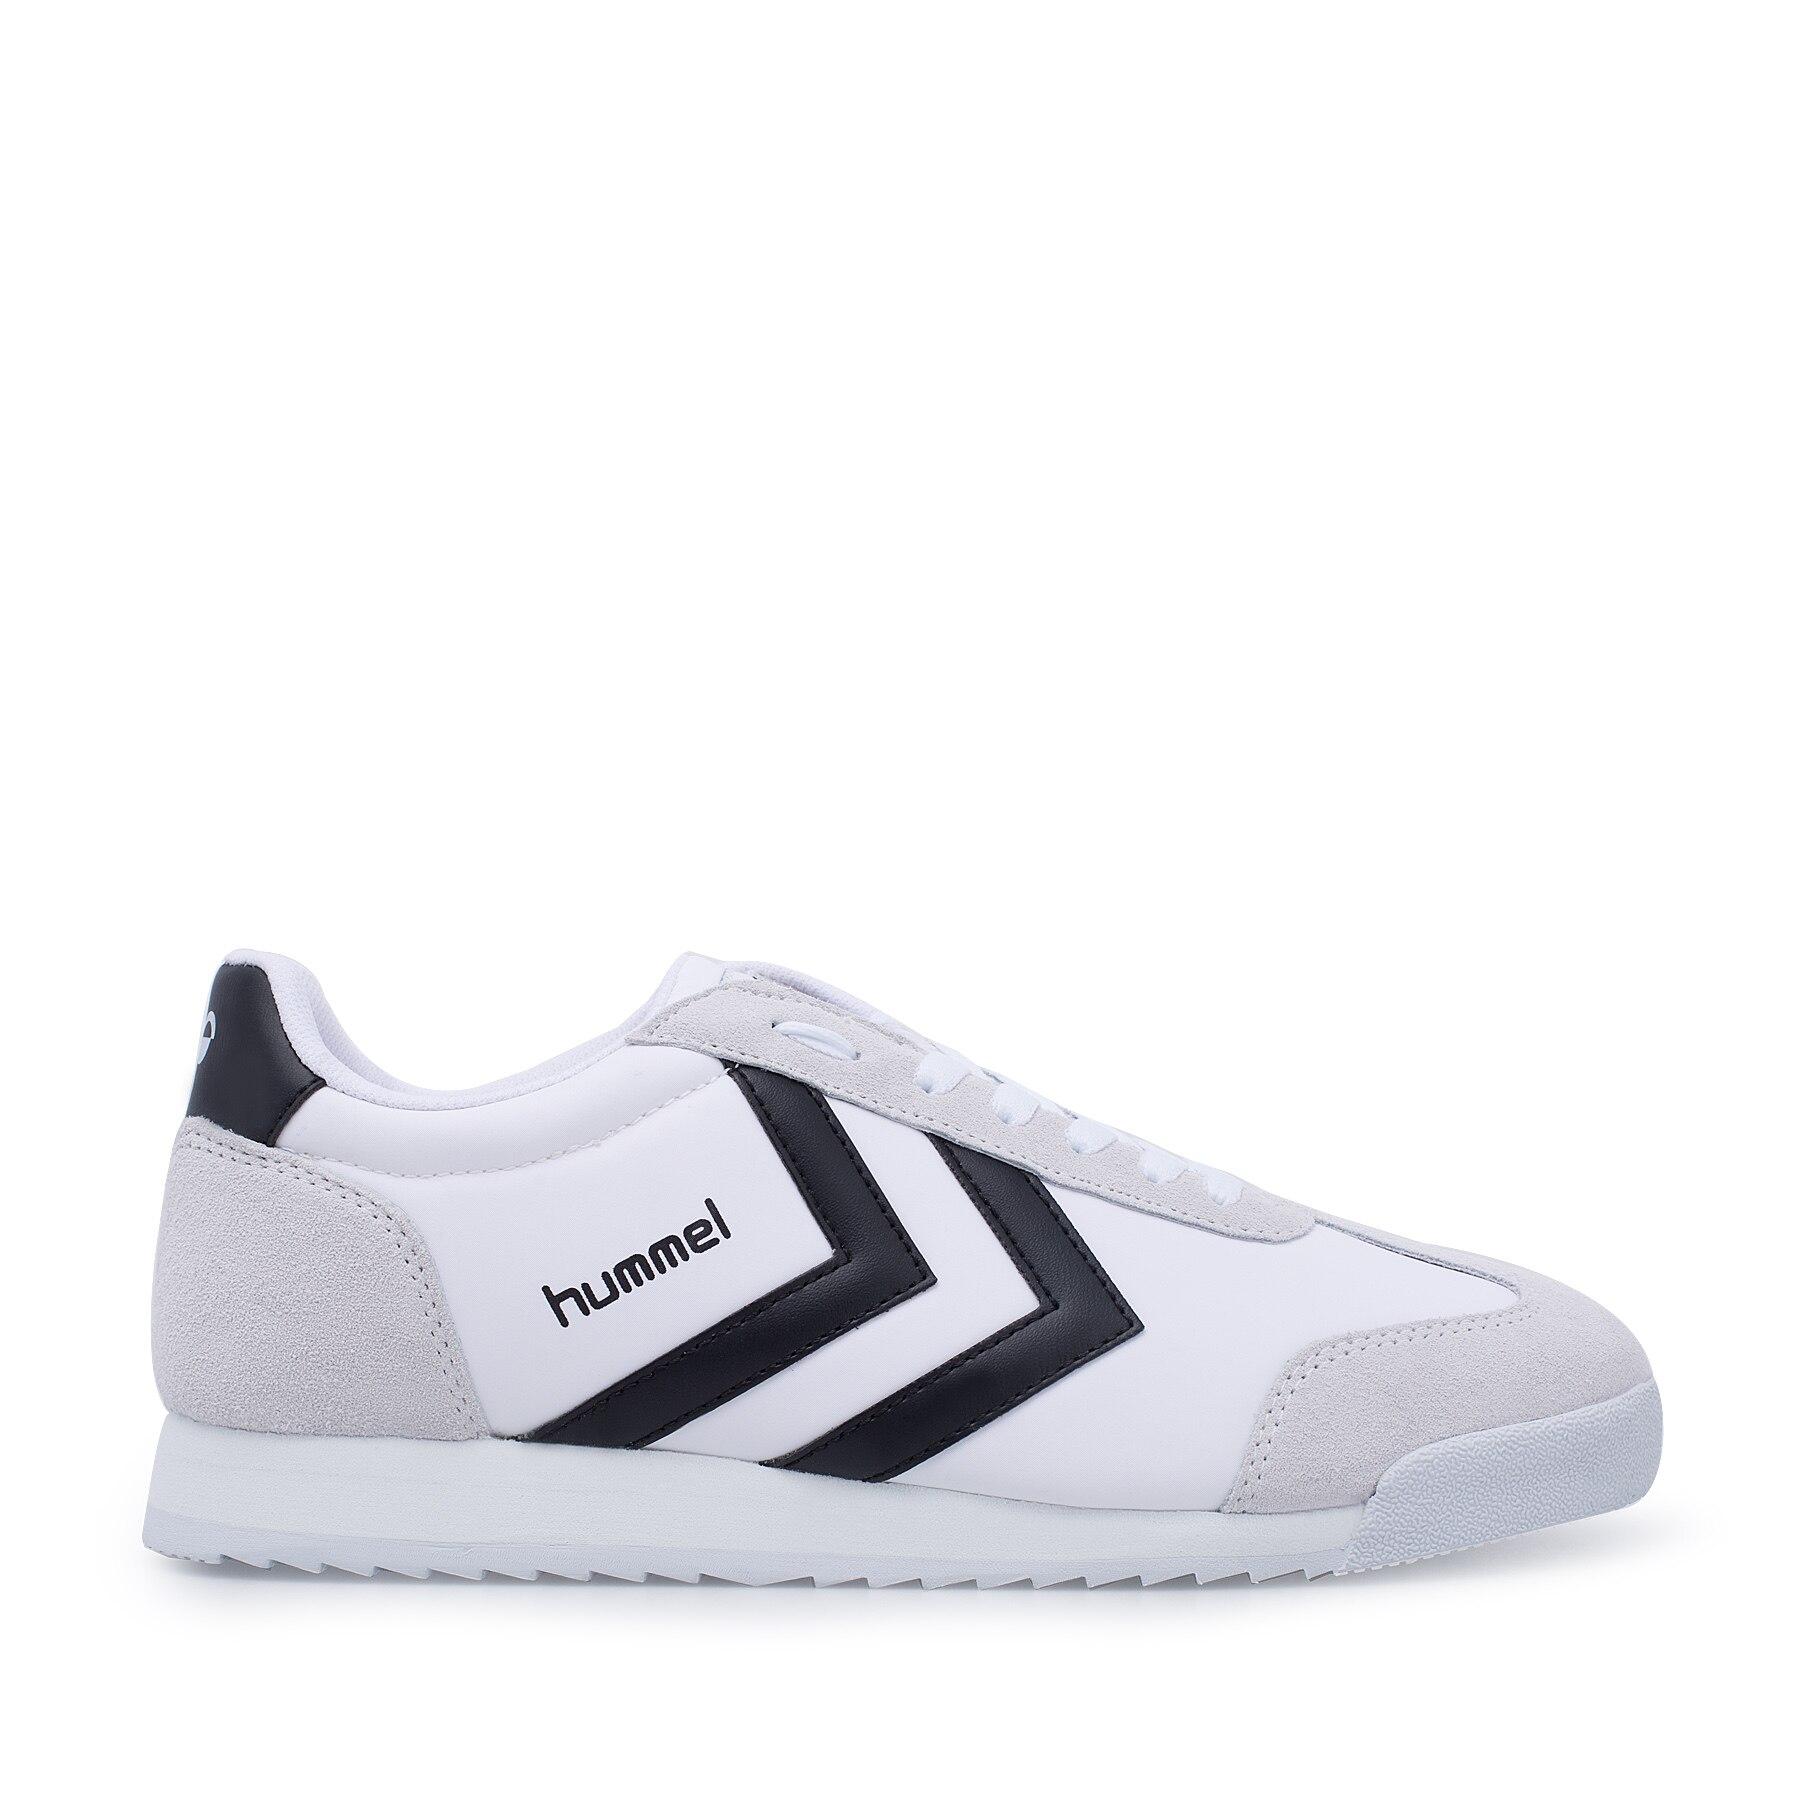 Hummel Shoes 0 SHOES 208208